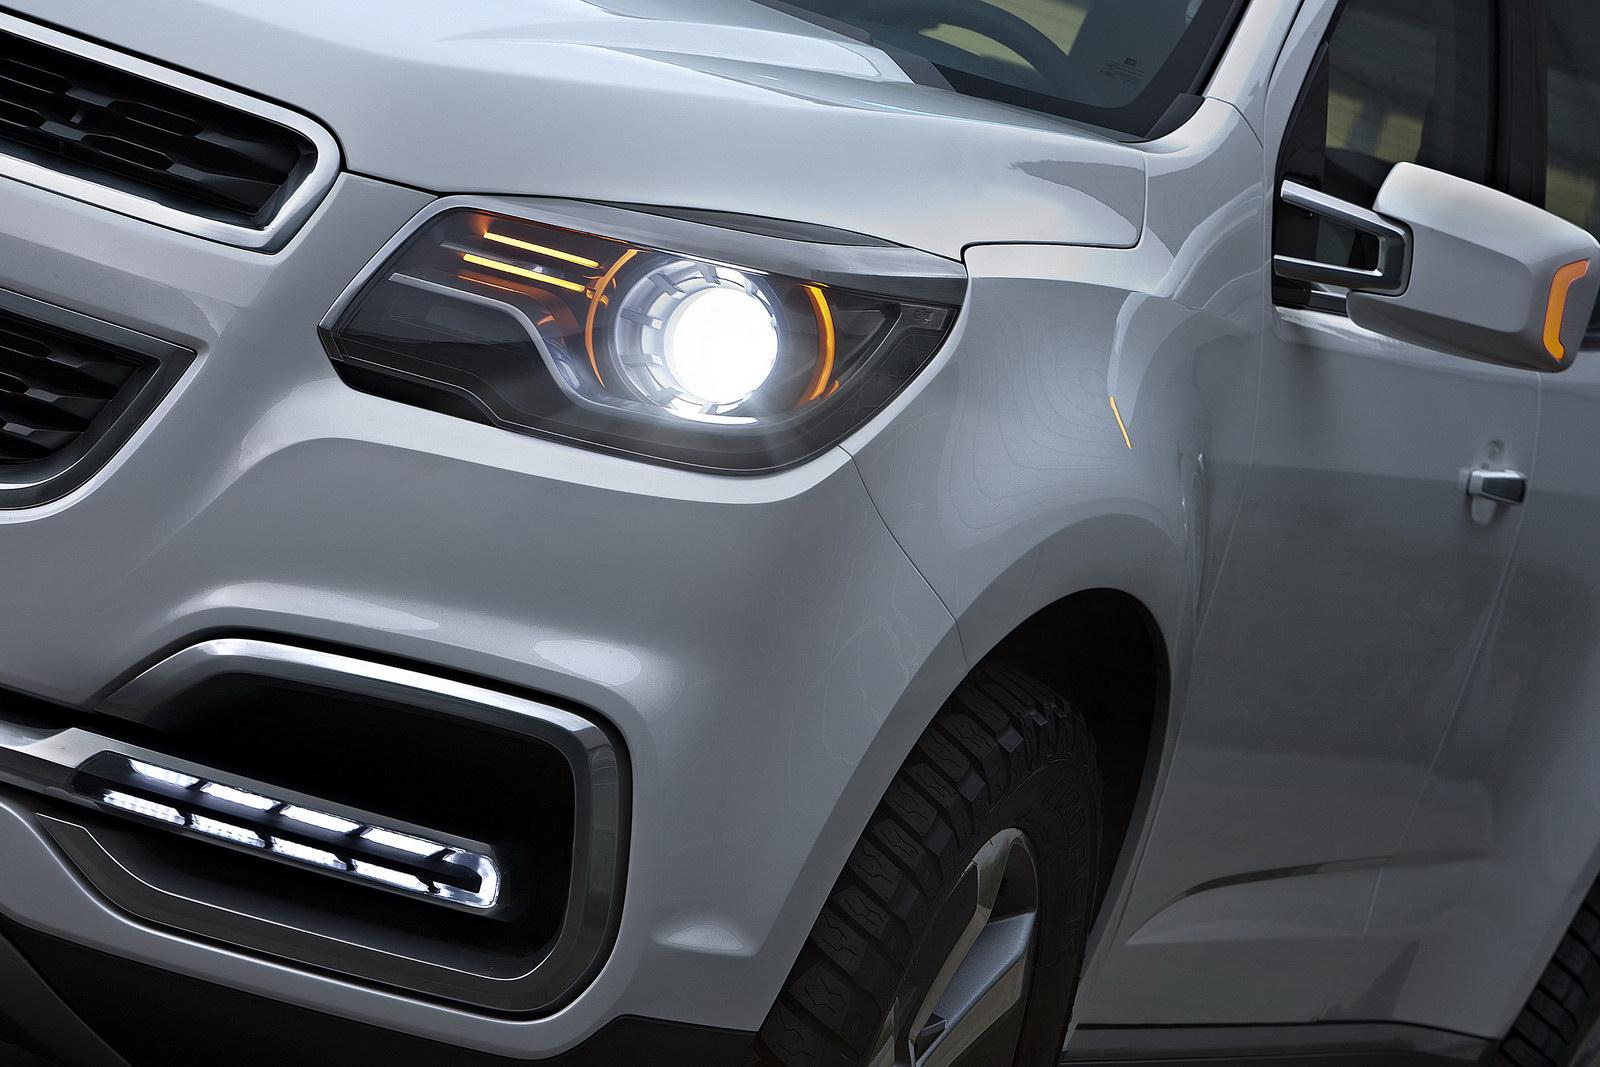 car i Chevrolet Trailblazer 2014